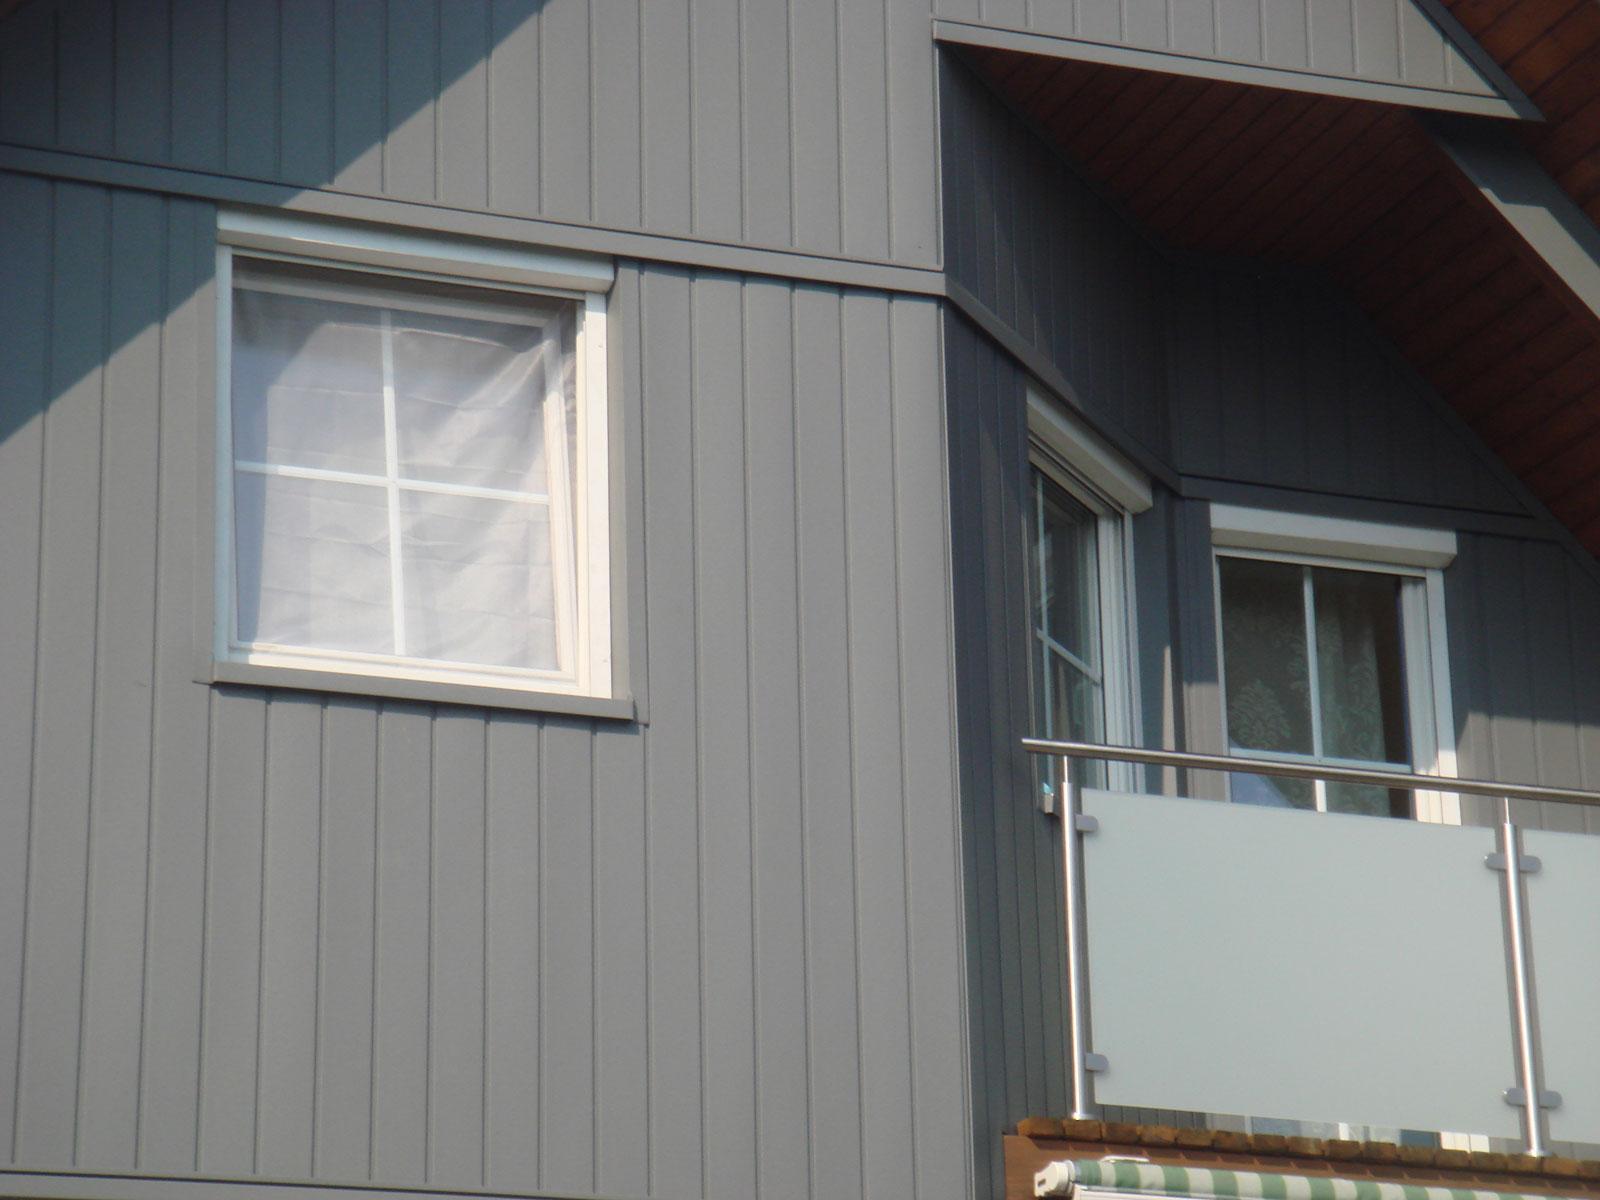 Detail von grauer, wetterfester Fassadengestaltung